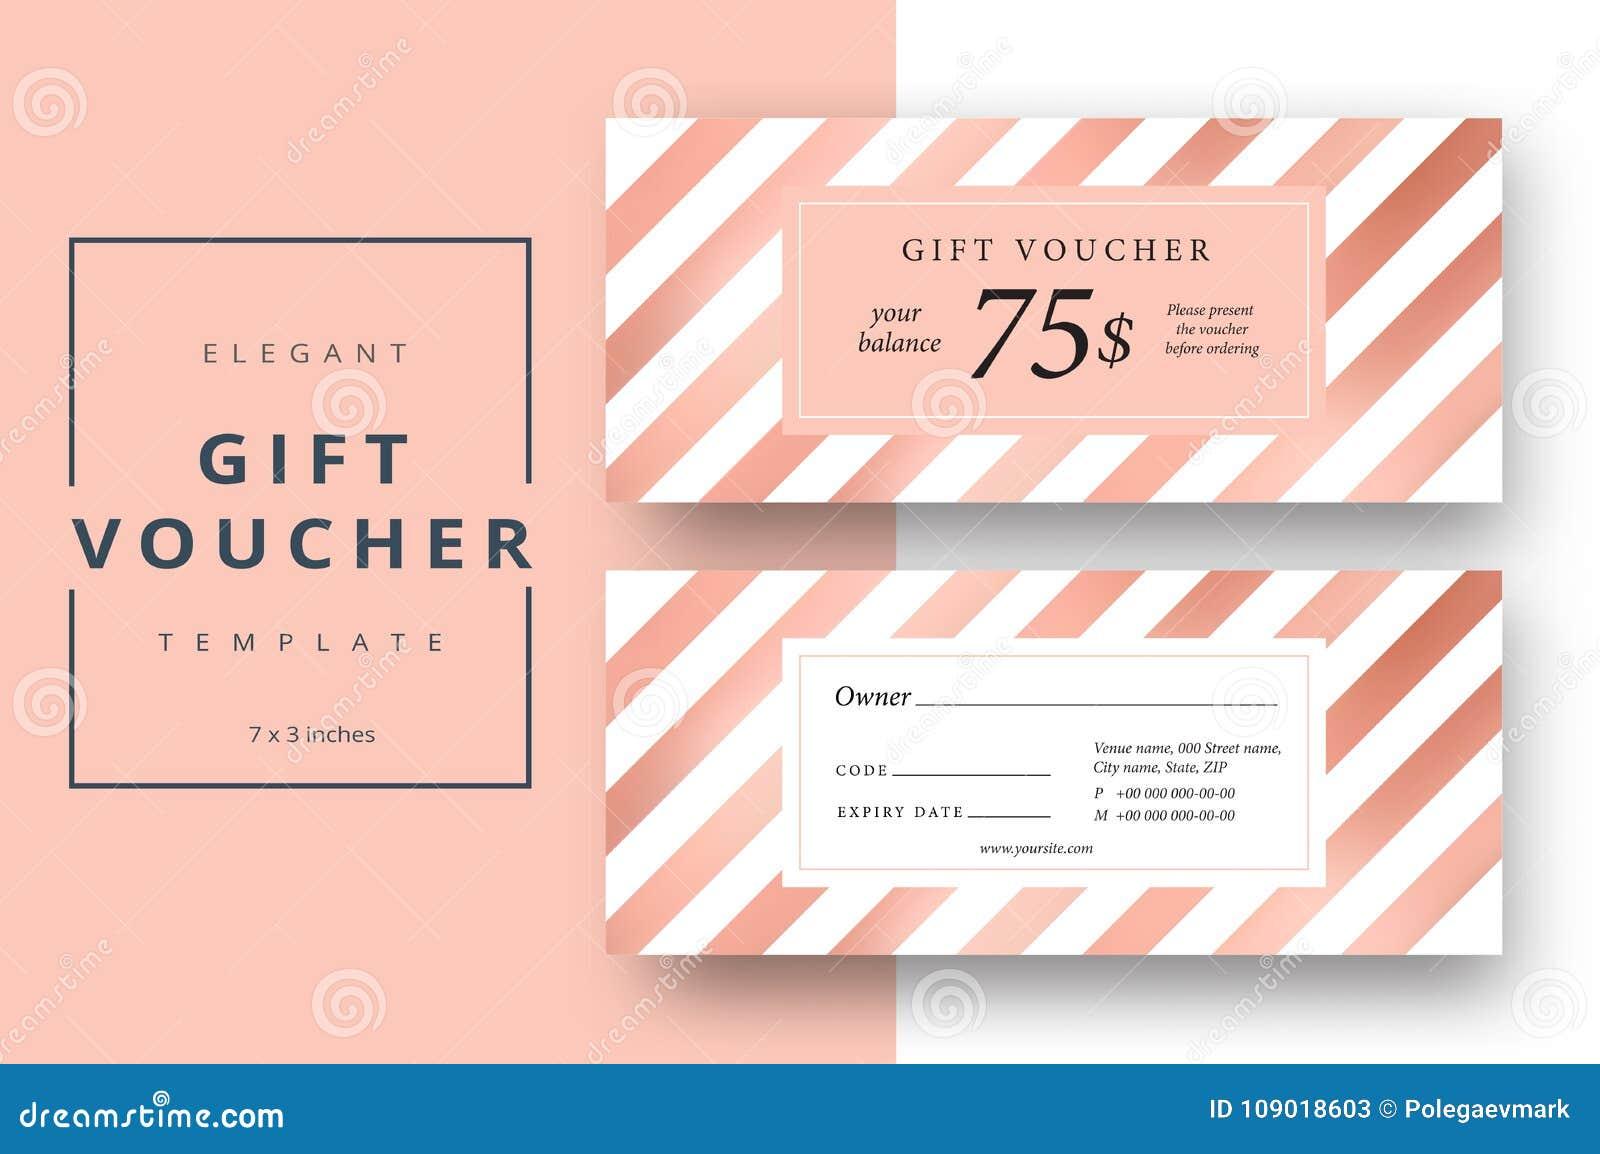 Voucher Card Template tax templates